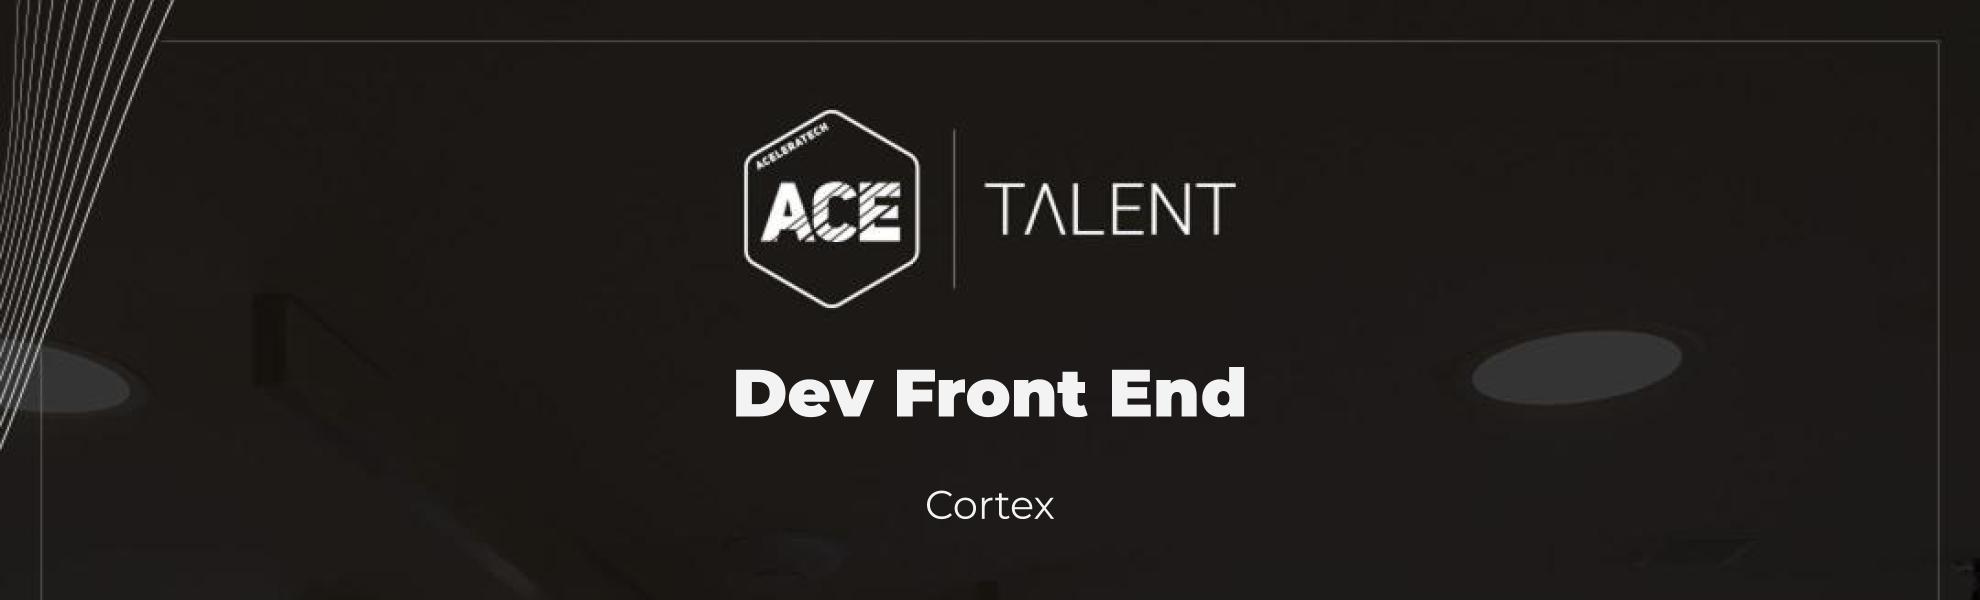 Desenvolvedor (a) Front End